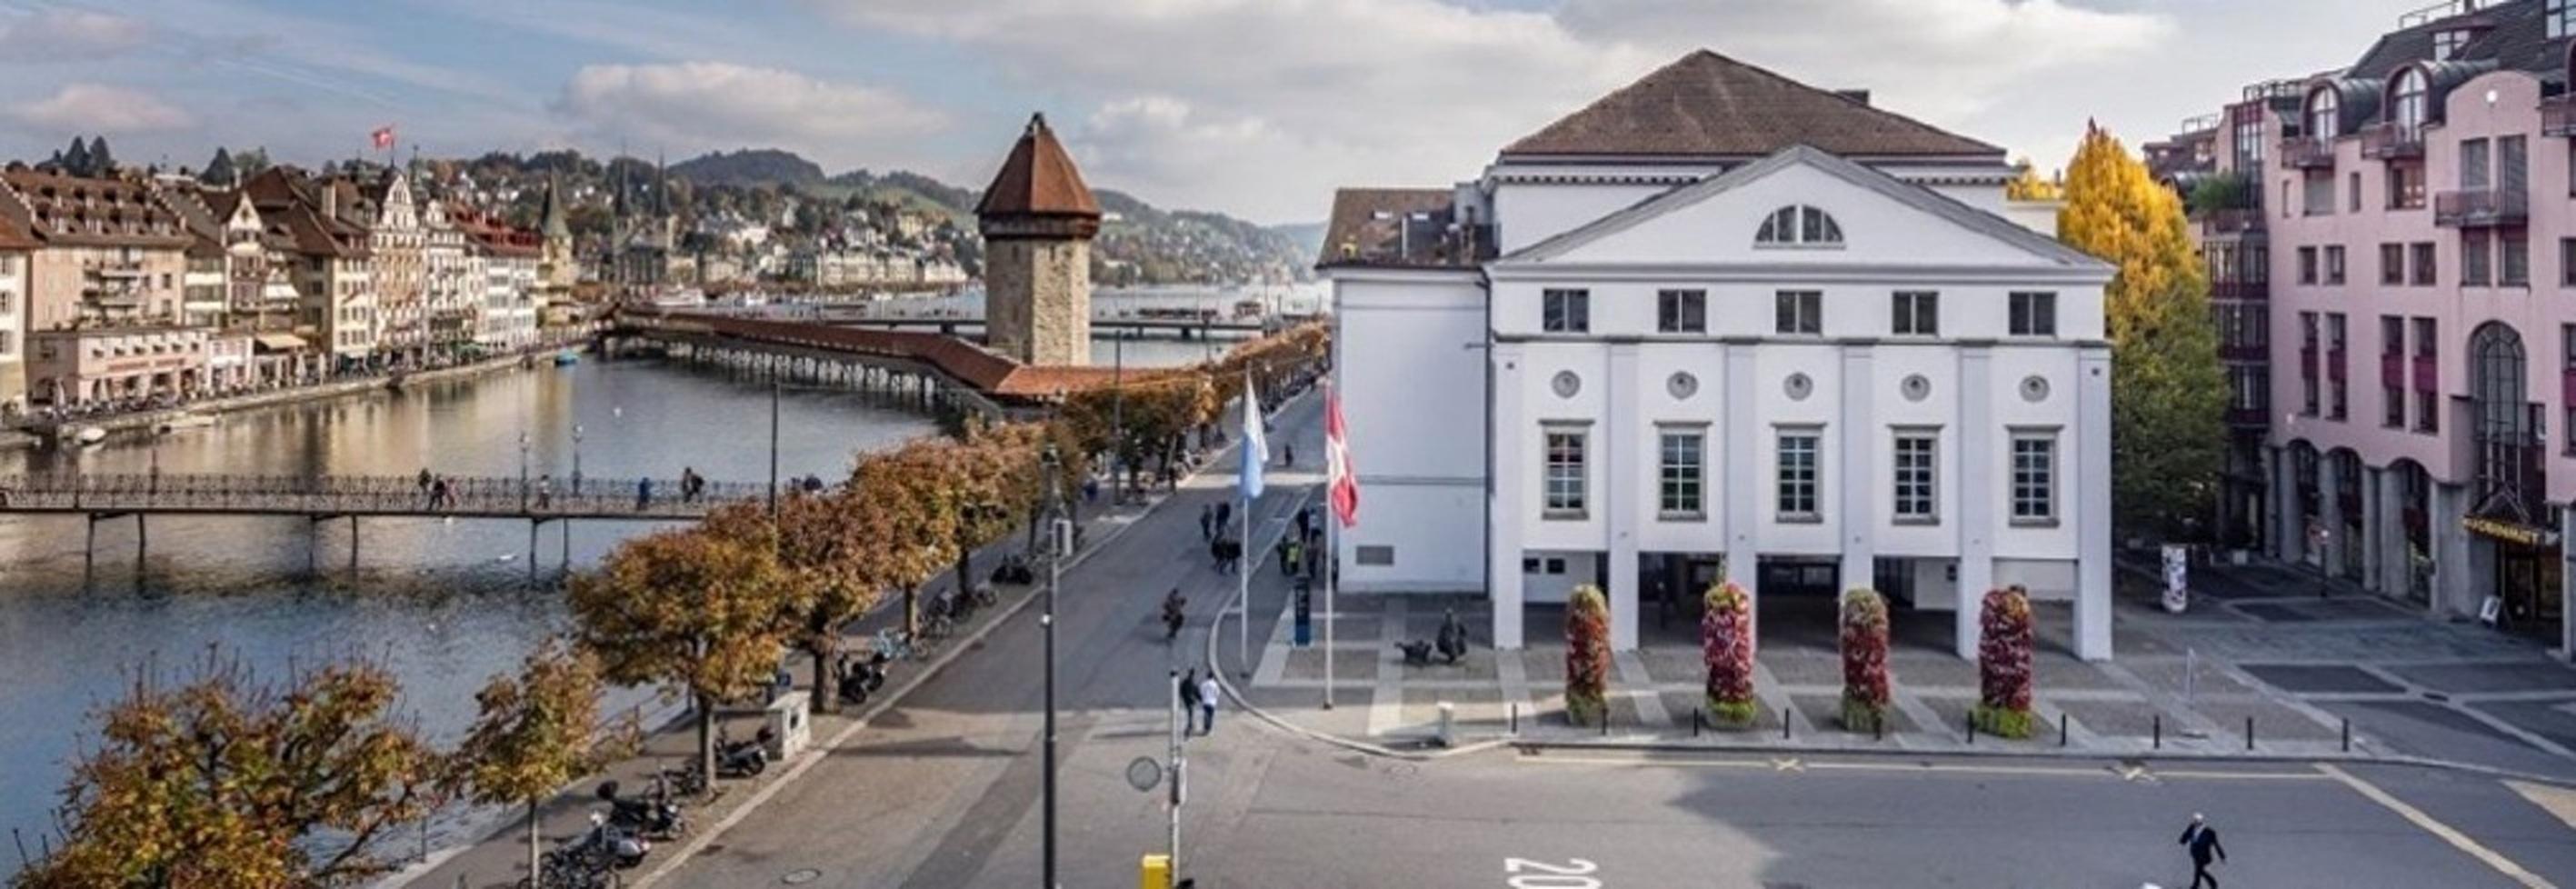 Neues Luzerner Theater Architekturwettbewerb